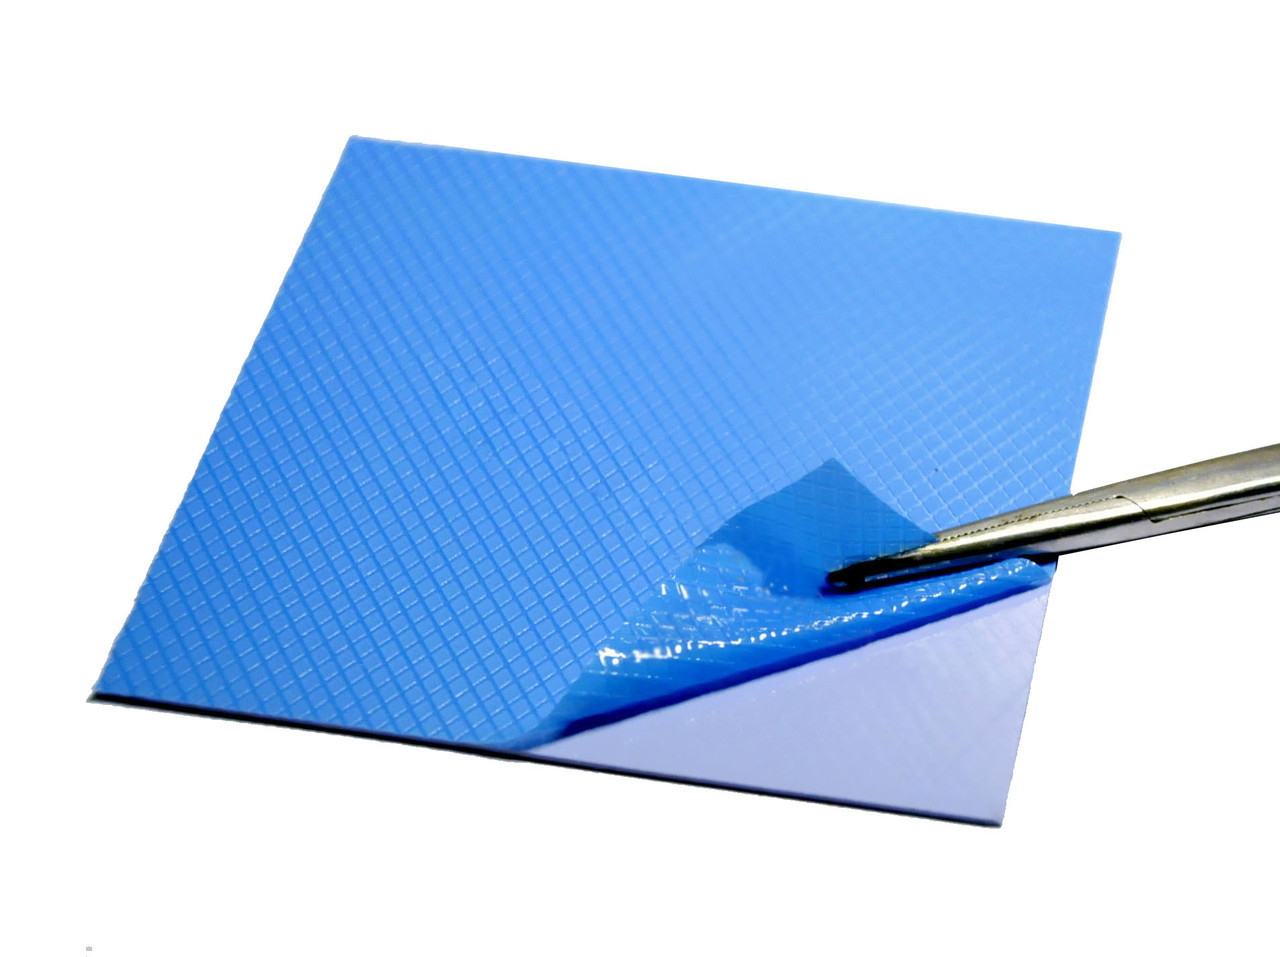 Термопрокладка 3KS 3K800 G20 1.0мм 100x100 синяя 8 Вт/(м*К)/mk термоинтерфейс для ноутбука (TPr-3K8W-G20)